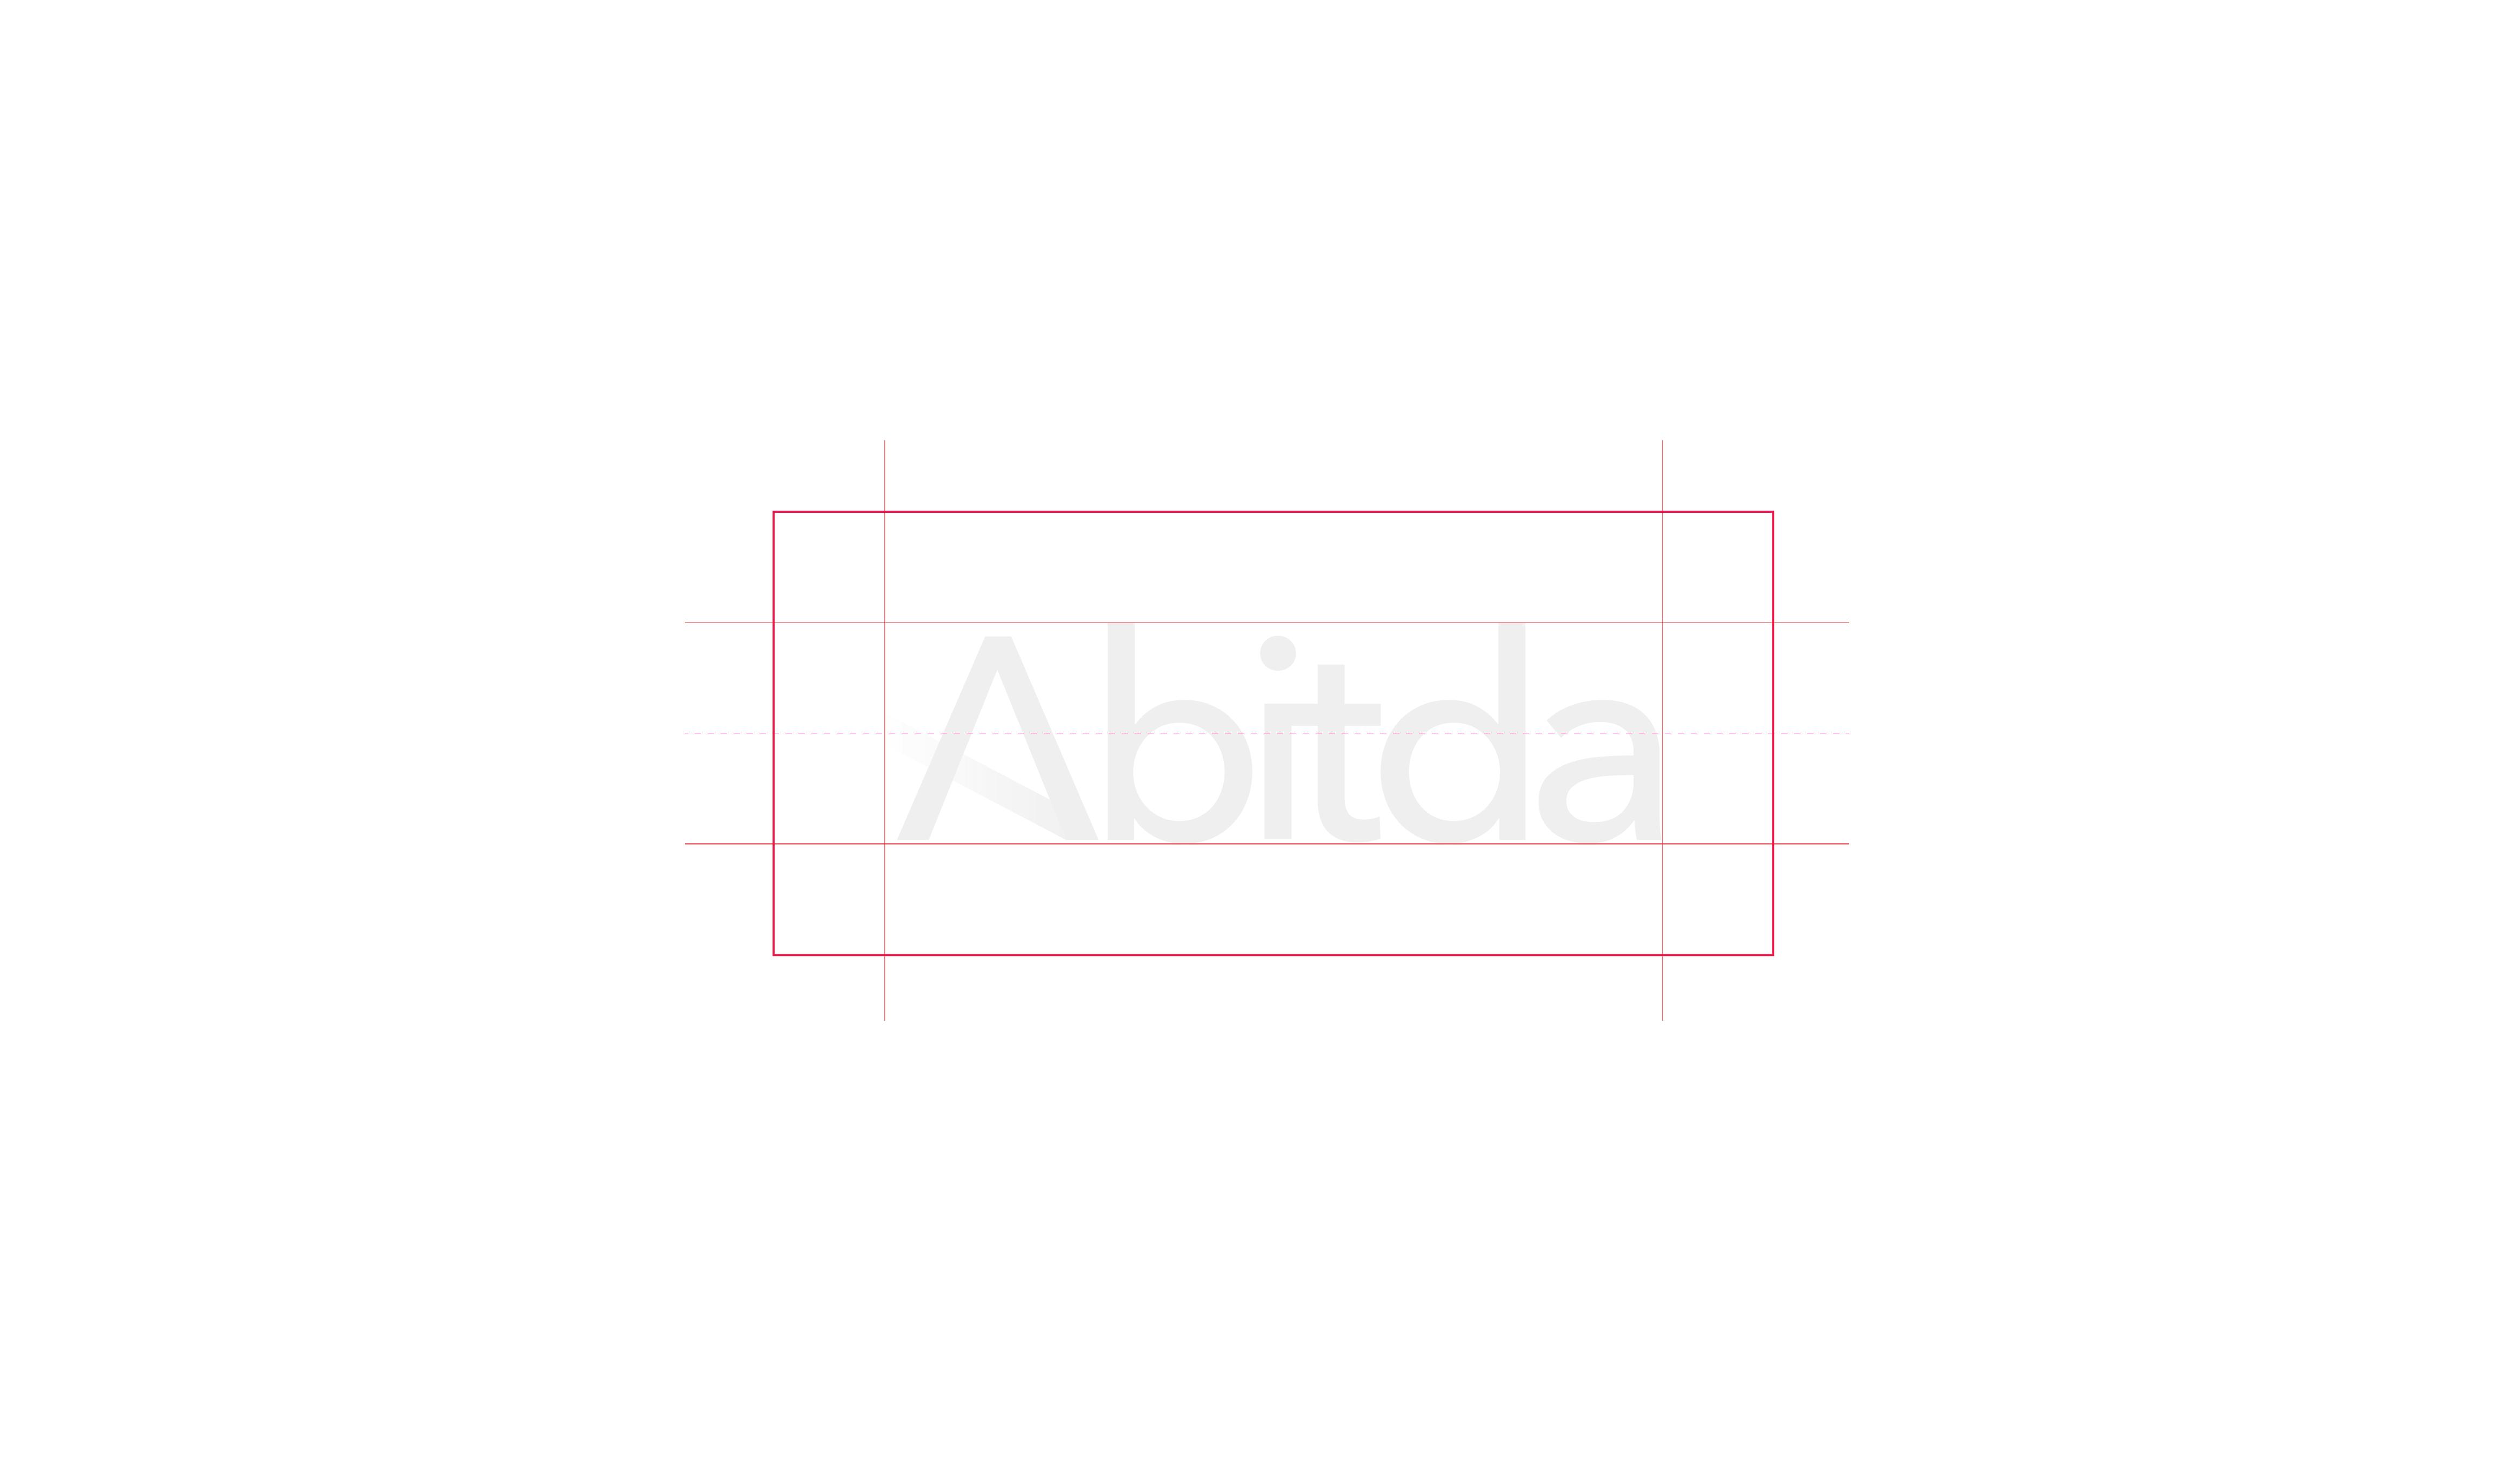 200129_abitda_logo-grid-14